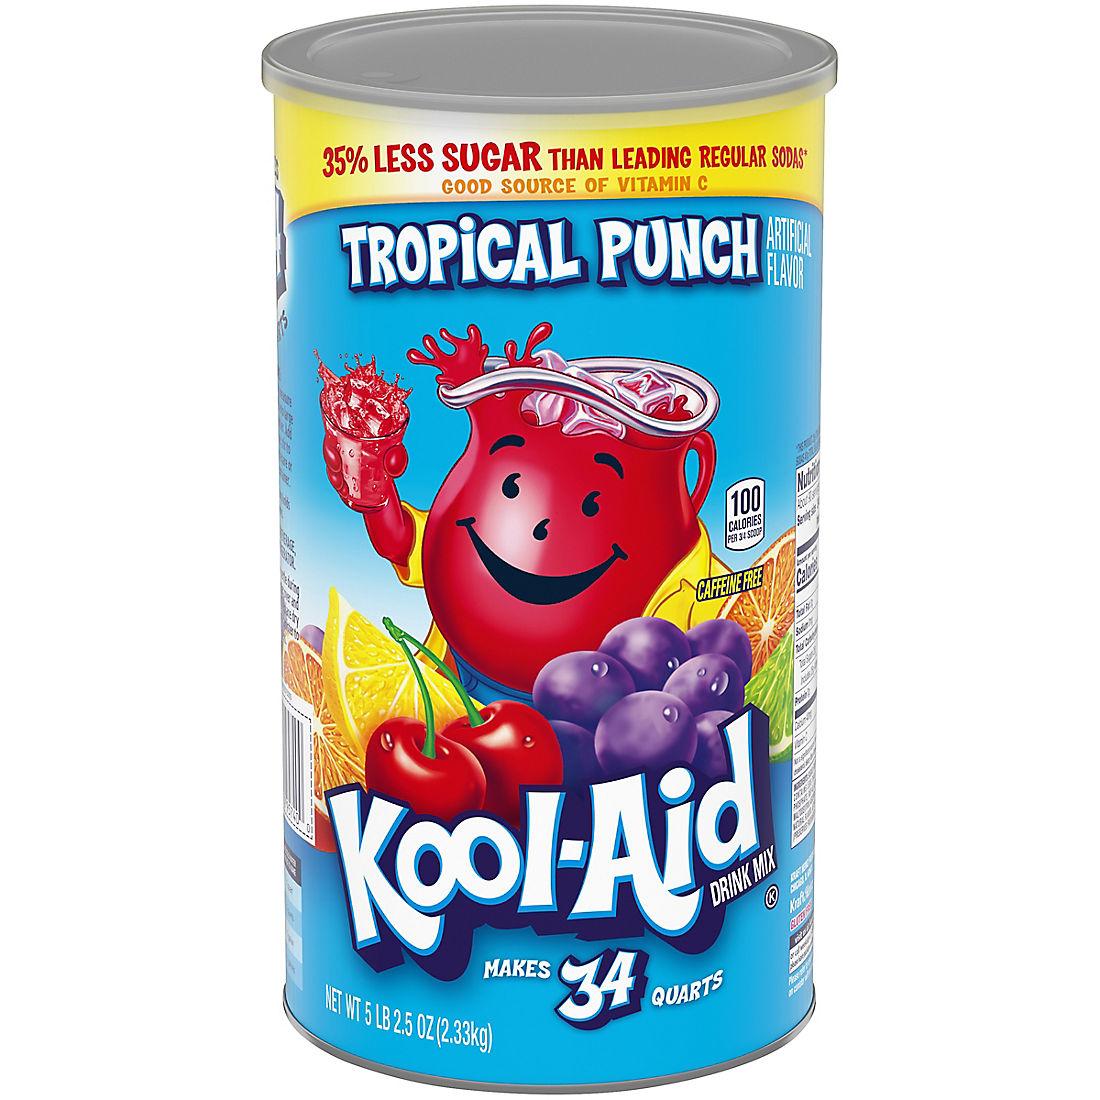 Kool Aid Fruit Punch Ingredients